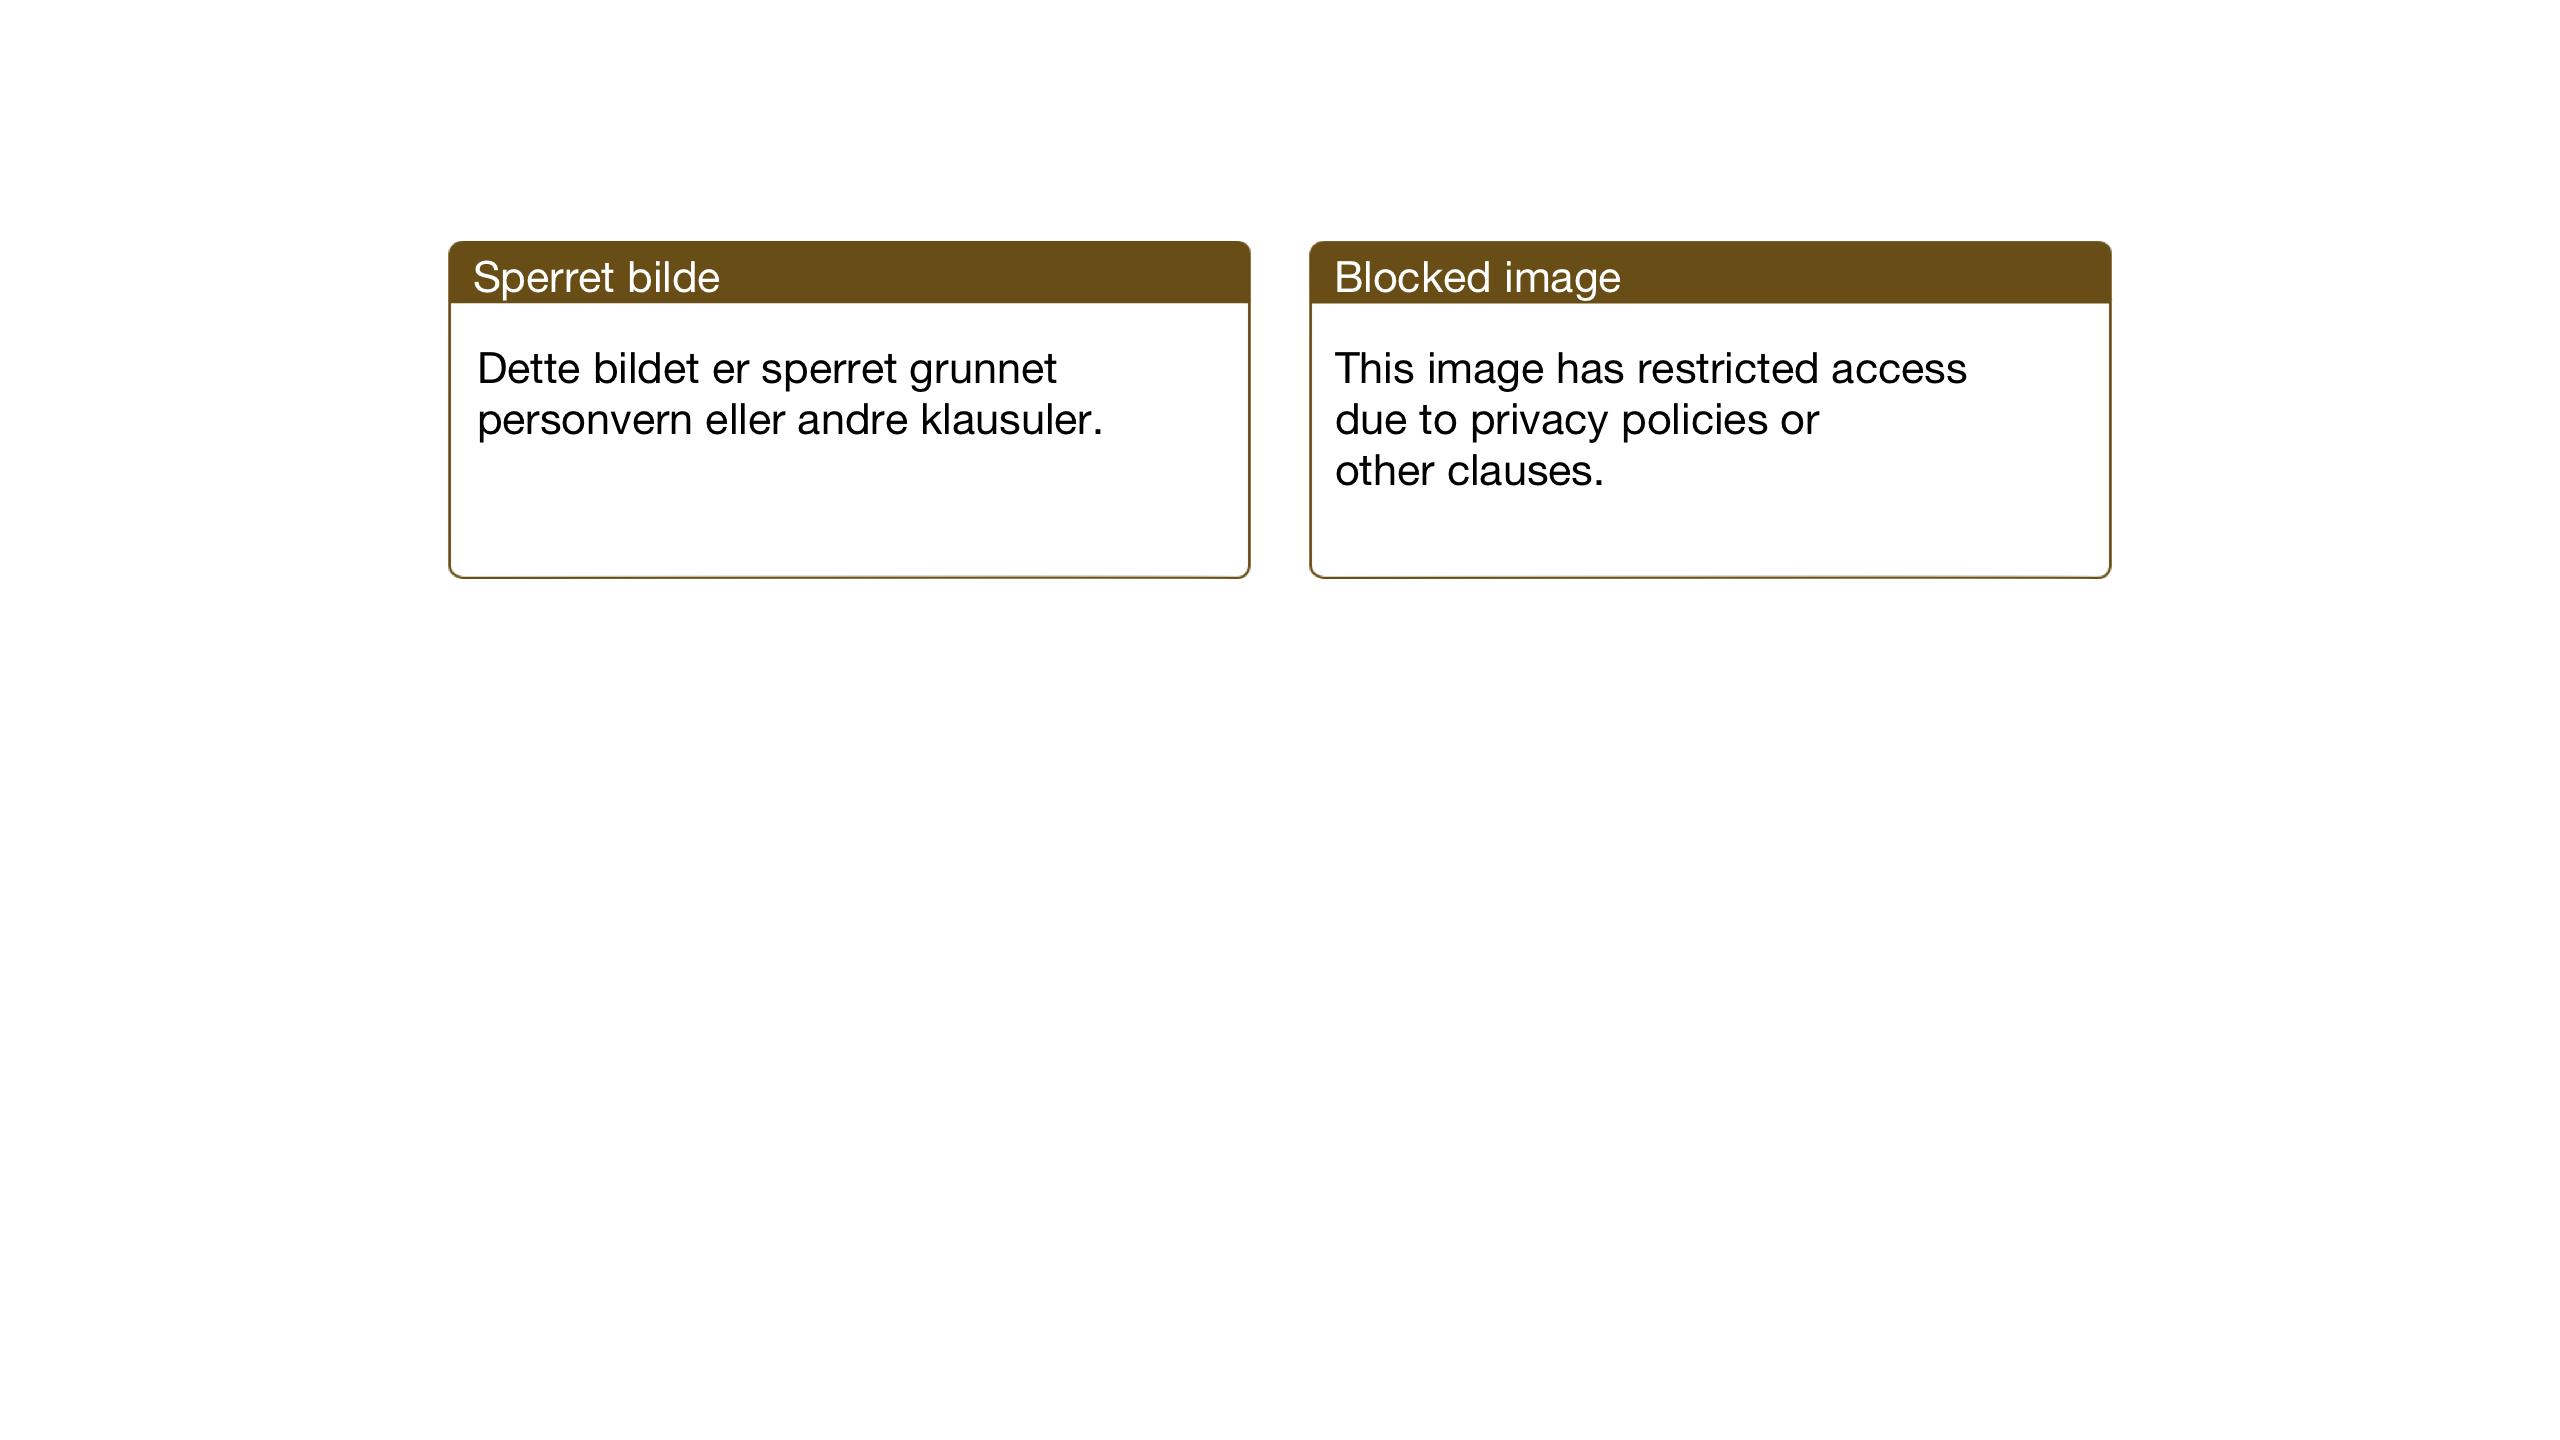 SAT, Ministerialprotokoller, klokkerbøker og fødselsregistre - Nord-Trøndelag, 774/L0631: Klokkerbok nr. 774C02, 1934-1950, s. 12